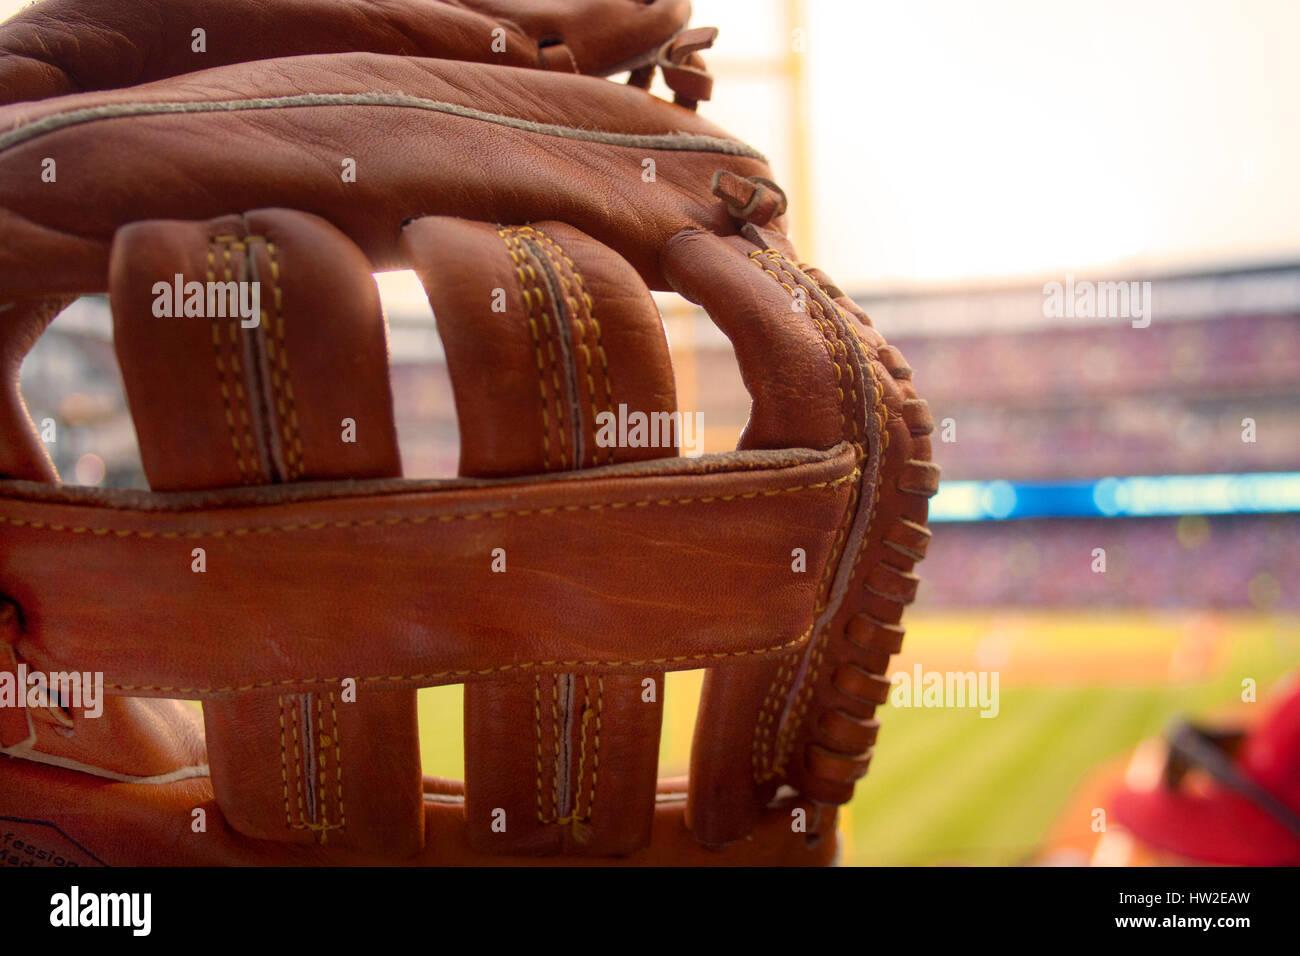 Ein Baseballhandschuh bereit, einen Foul Ball bei einem Baseballspiel zu fangen. Stockbild